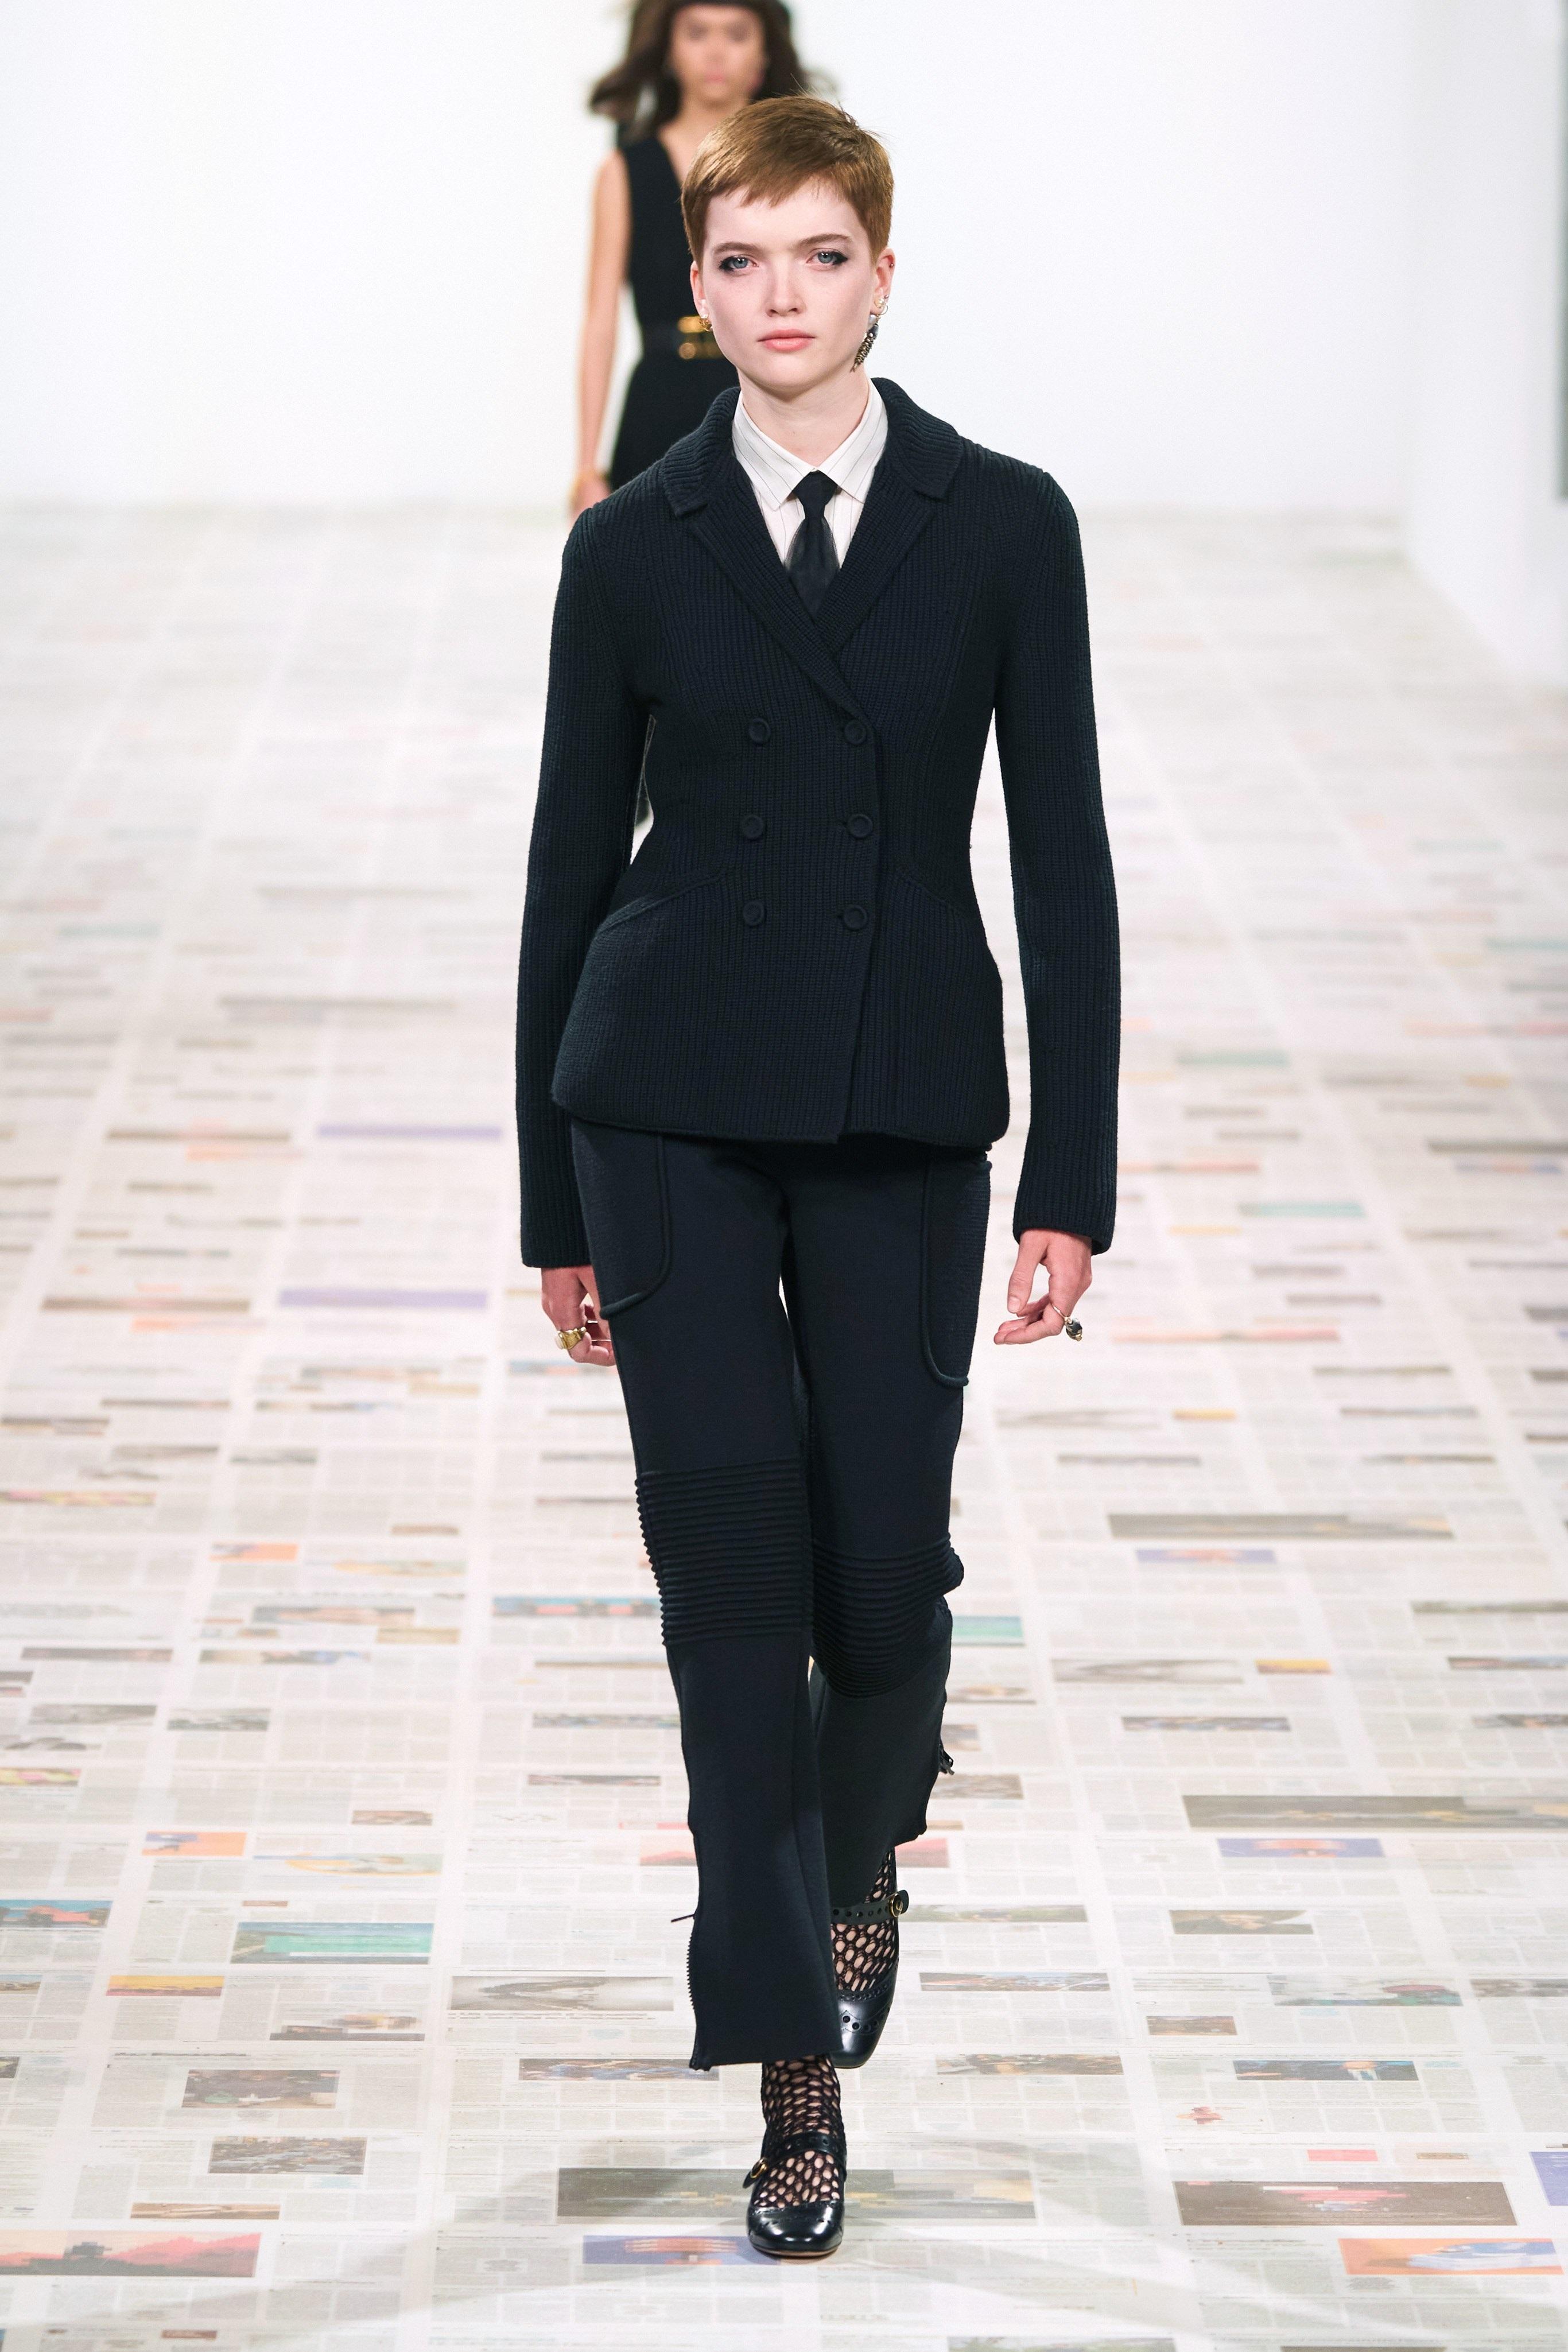 Thời trang nữ quyền của Dior tại Paris Fashion Week - 3